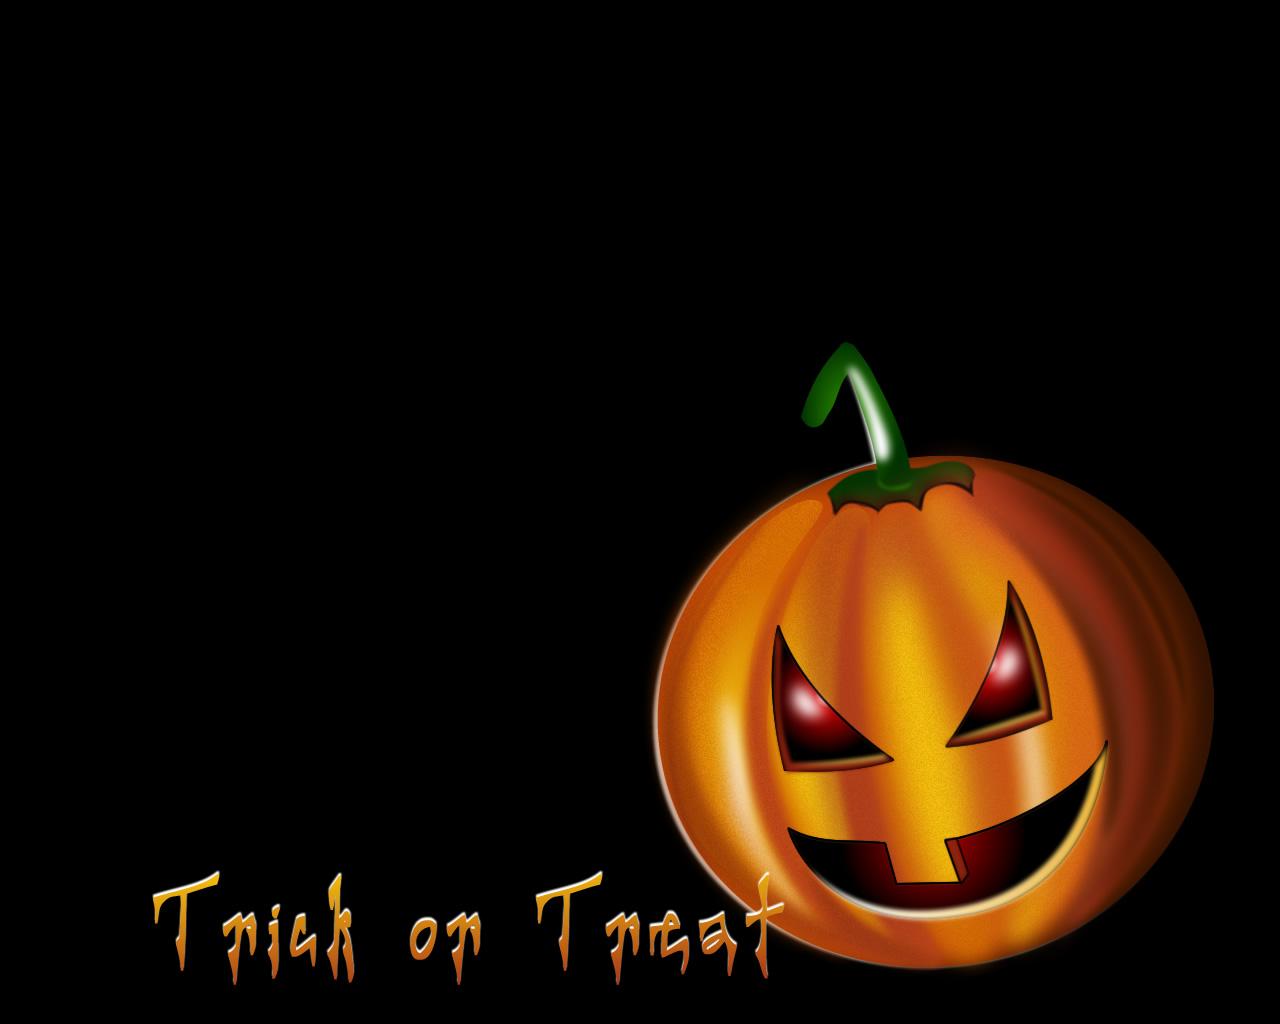 download wallpaper: Halloween – trick or treat wallpaper